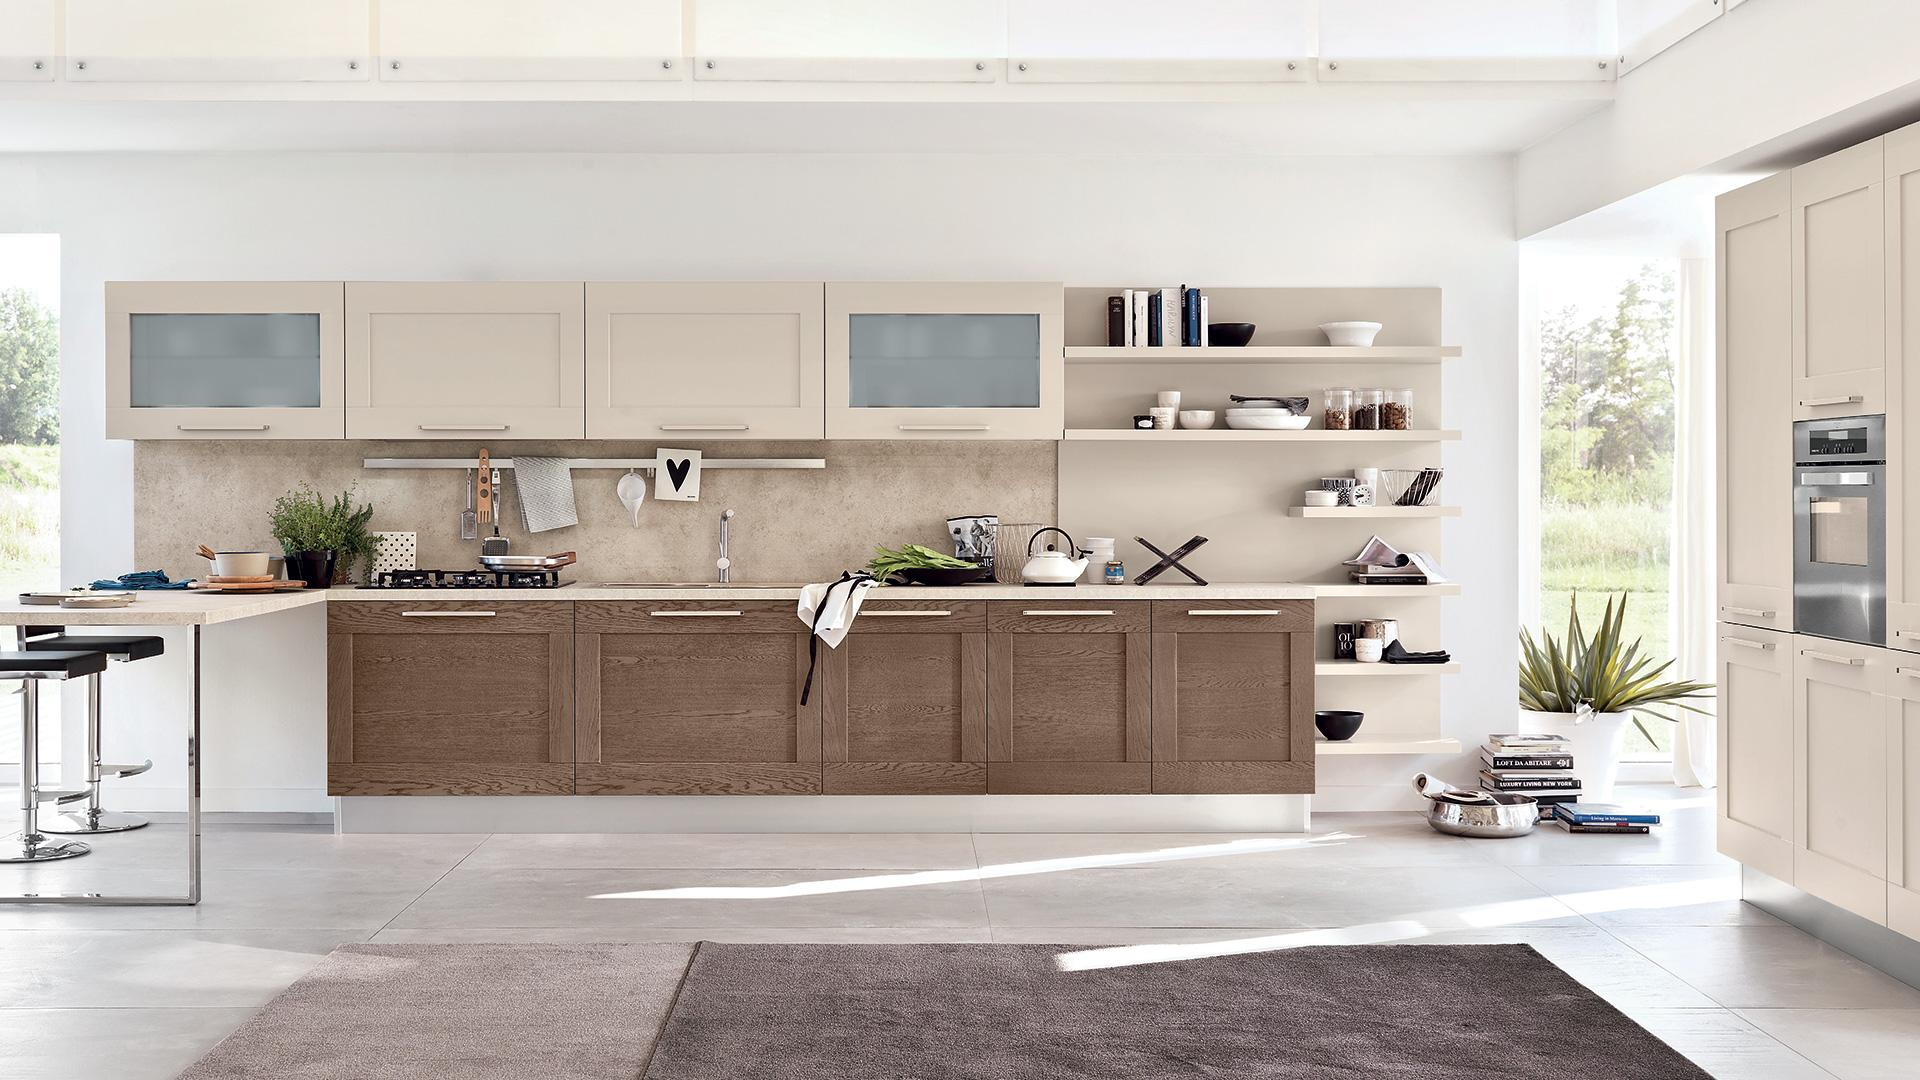 Quarrata Cucine Moderne: Quarrata cucine moderne catania arredamento rustico.